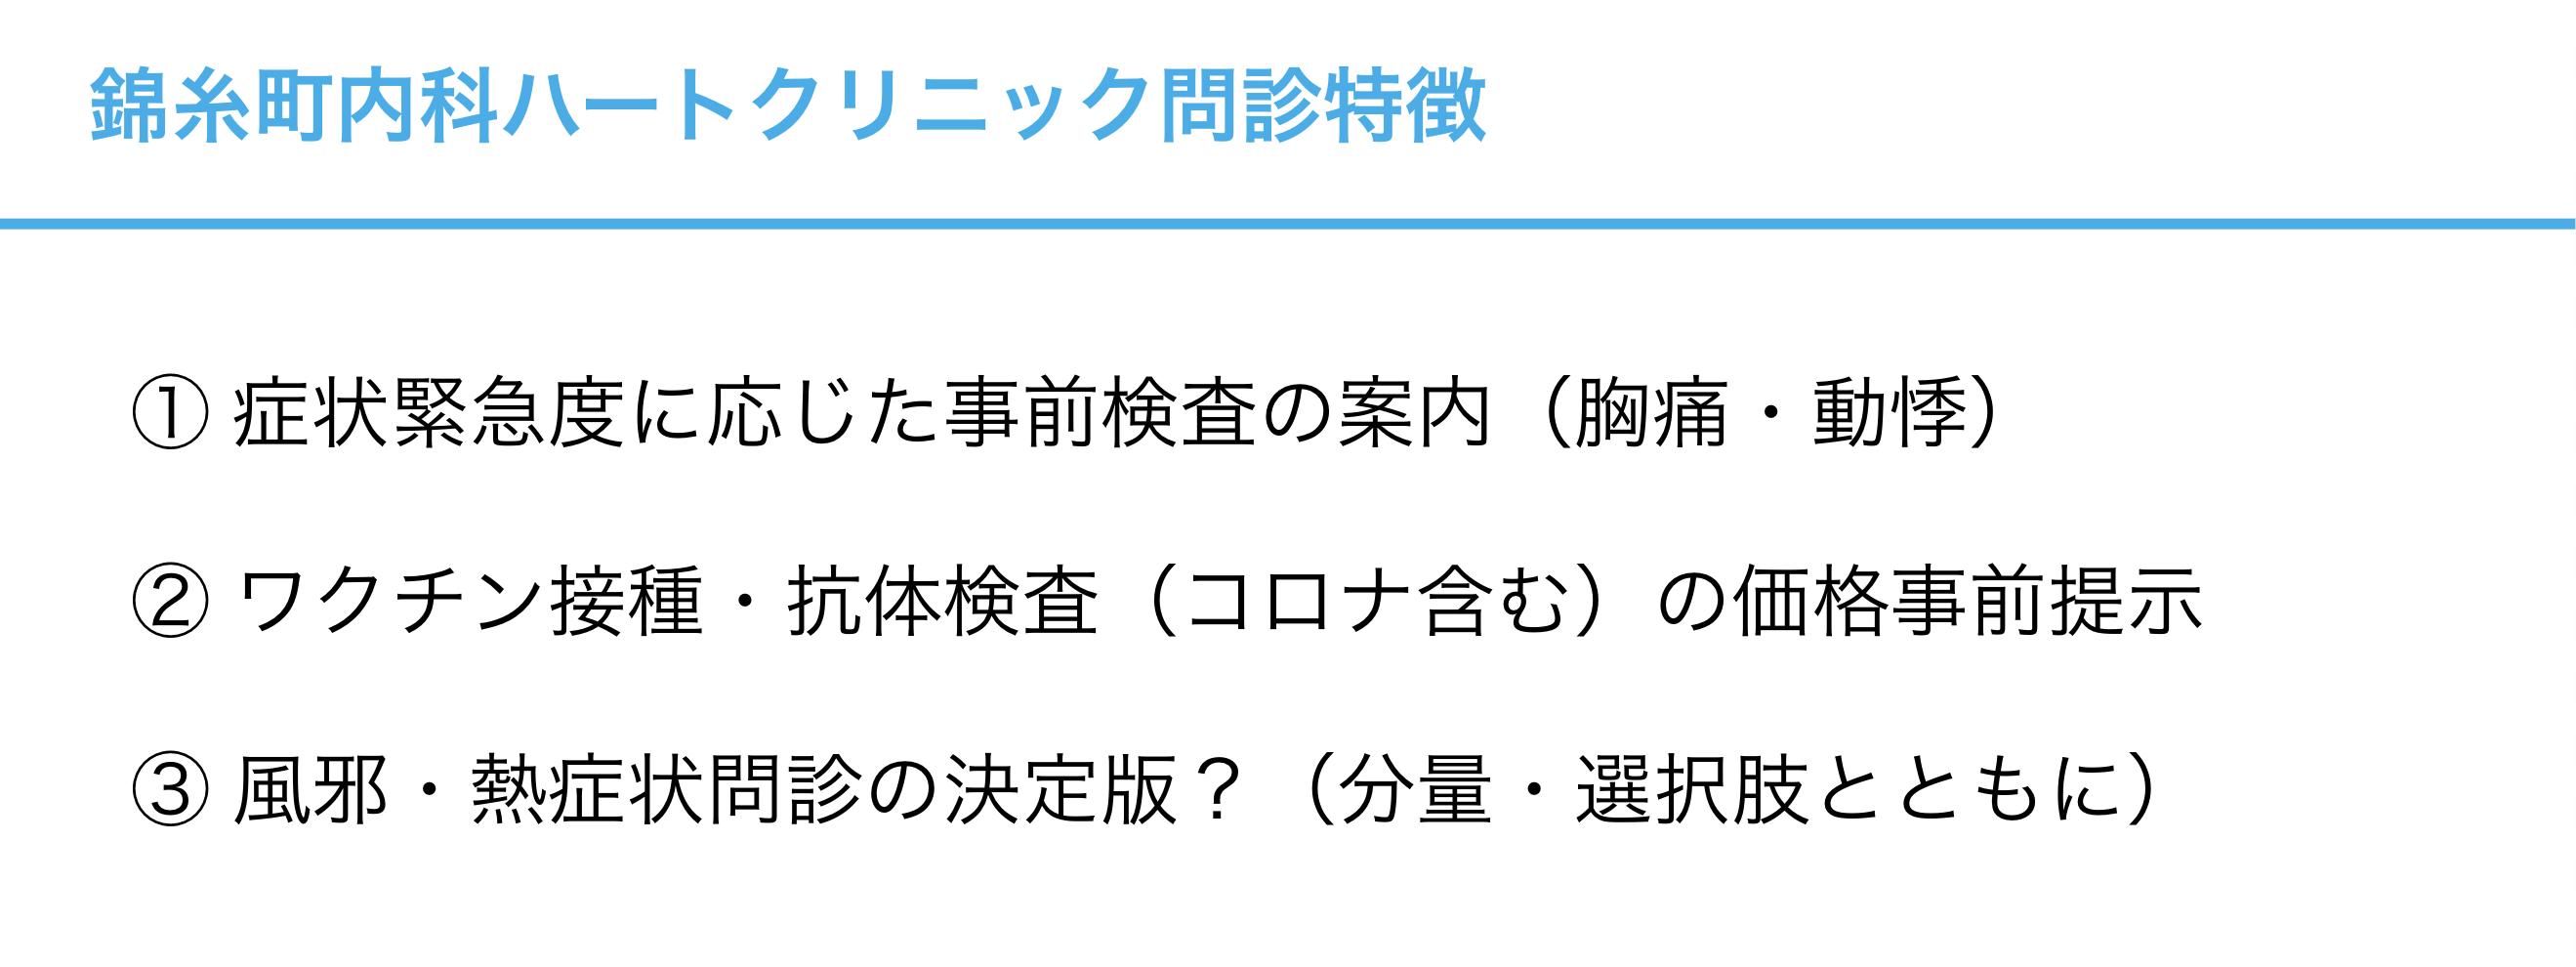 kinshicho-heart-monshin-16